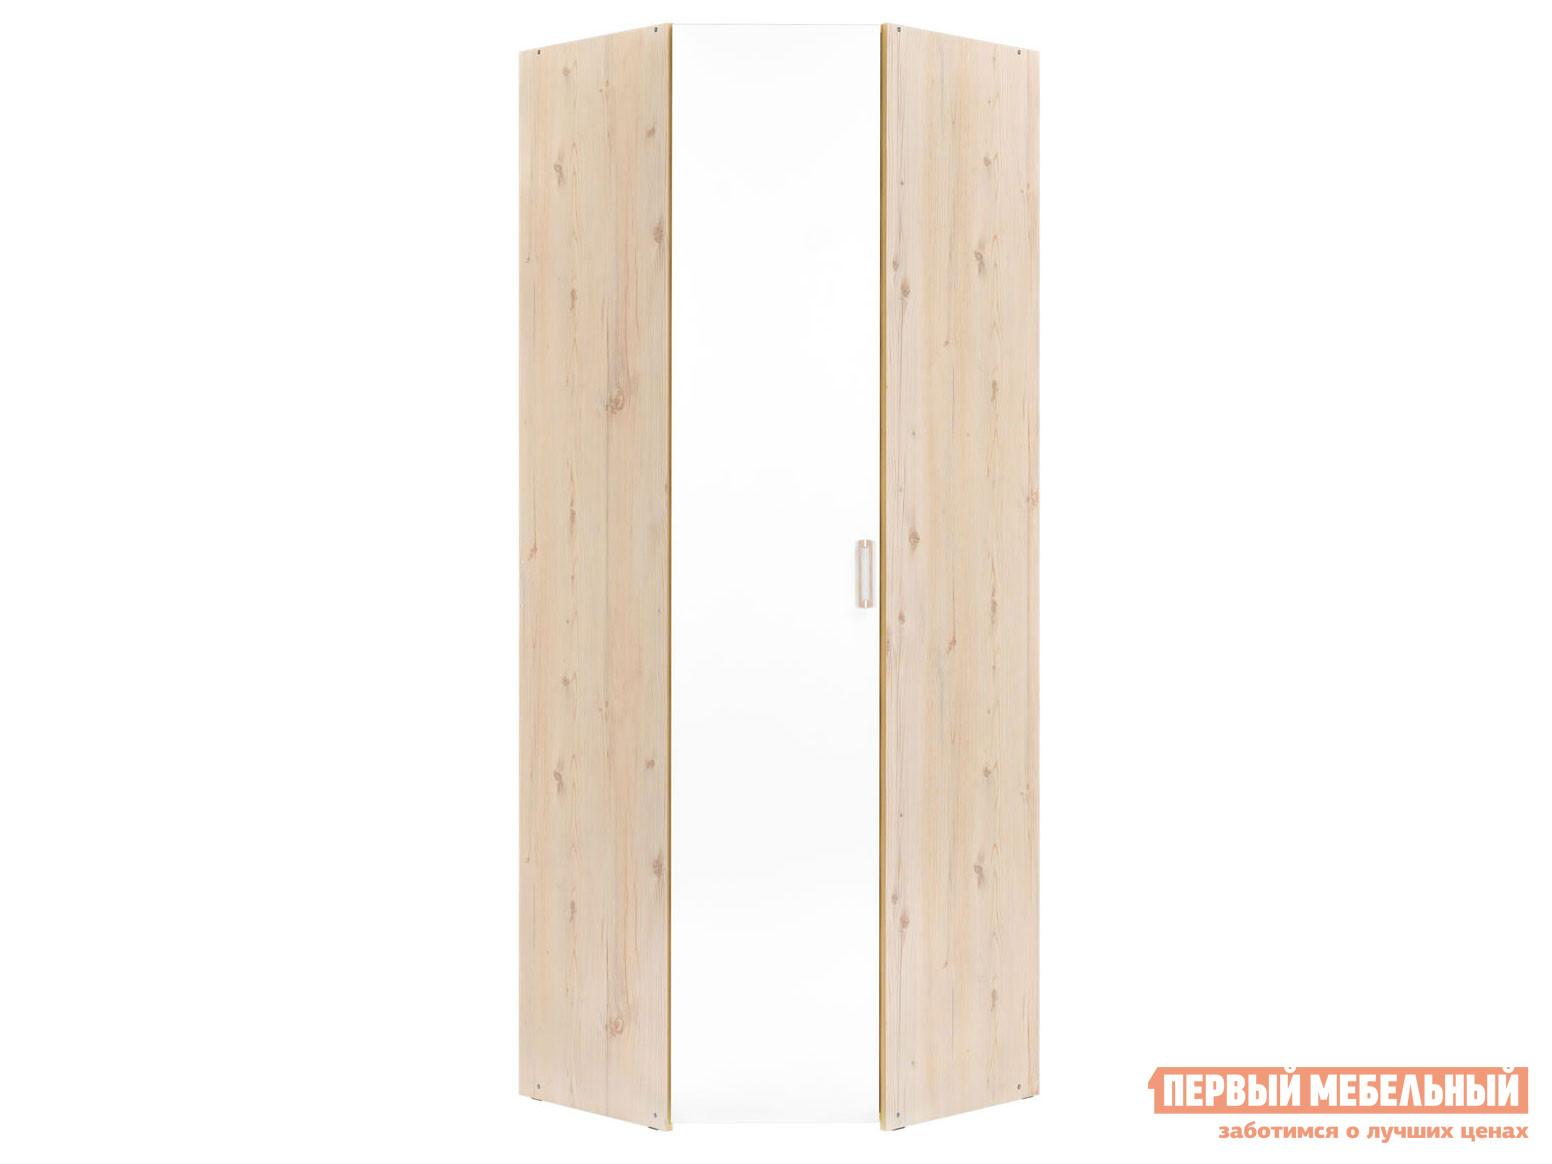 Угловой распашной шкаф Первый Мебельный Шкаф угловой Витра